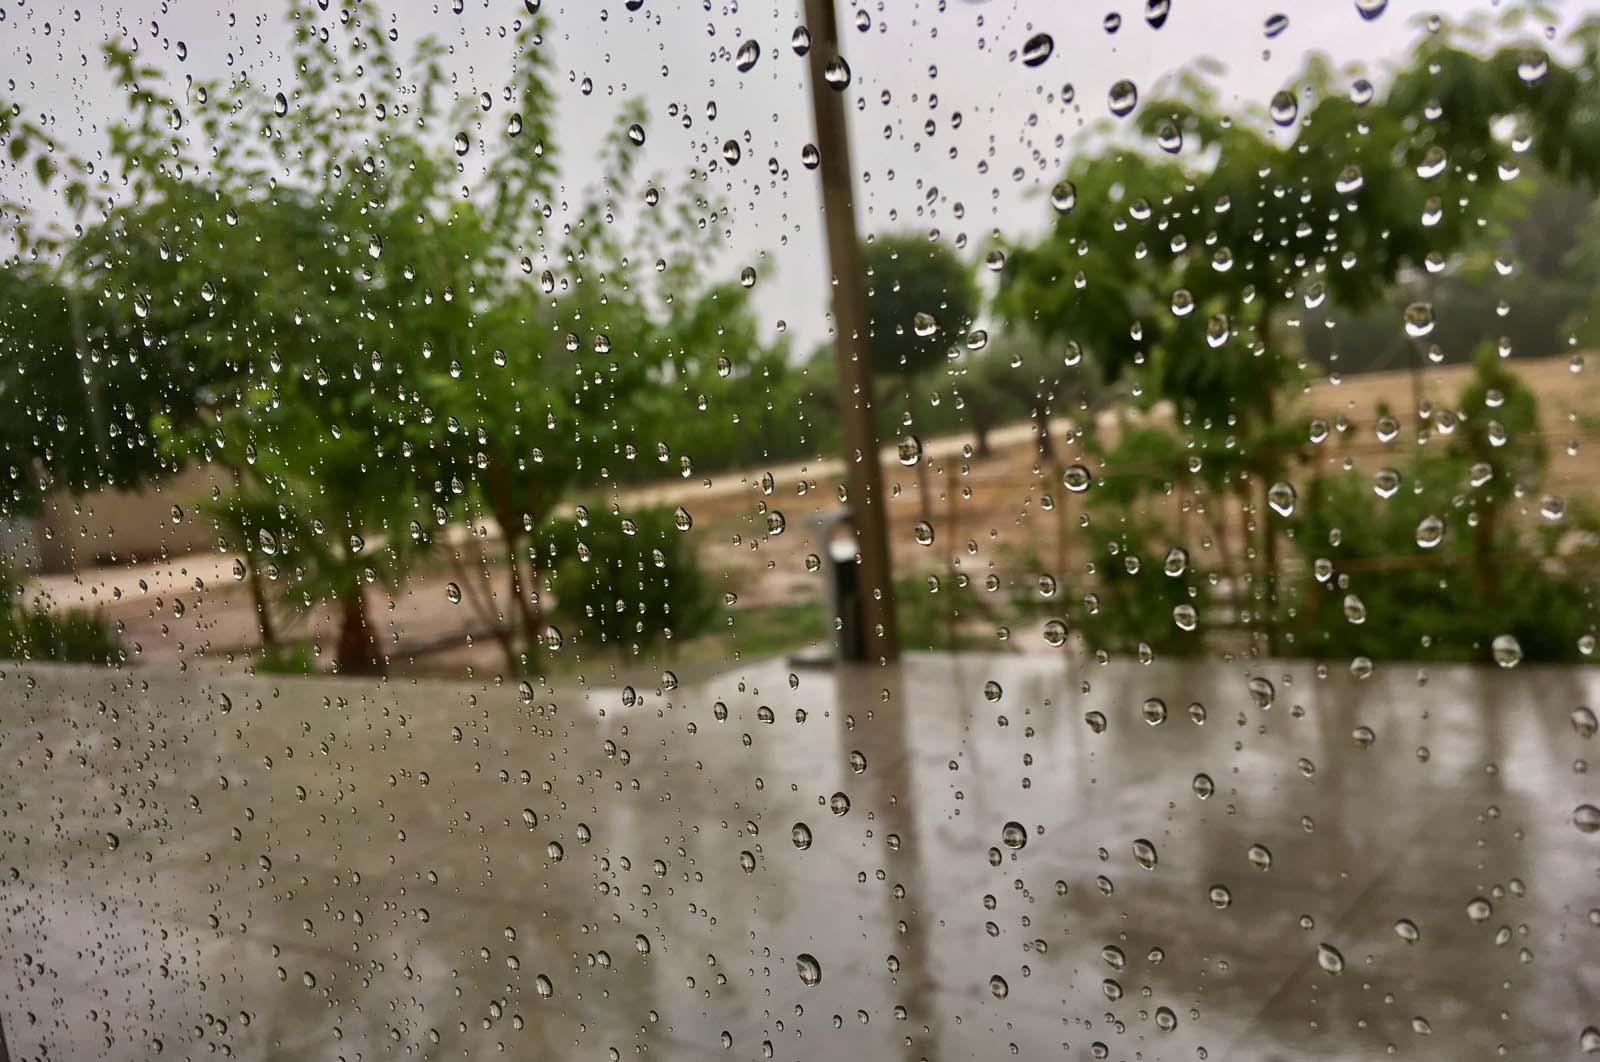 lluvia de verano (con permiso de Saul Leiter)